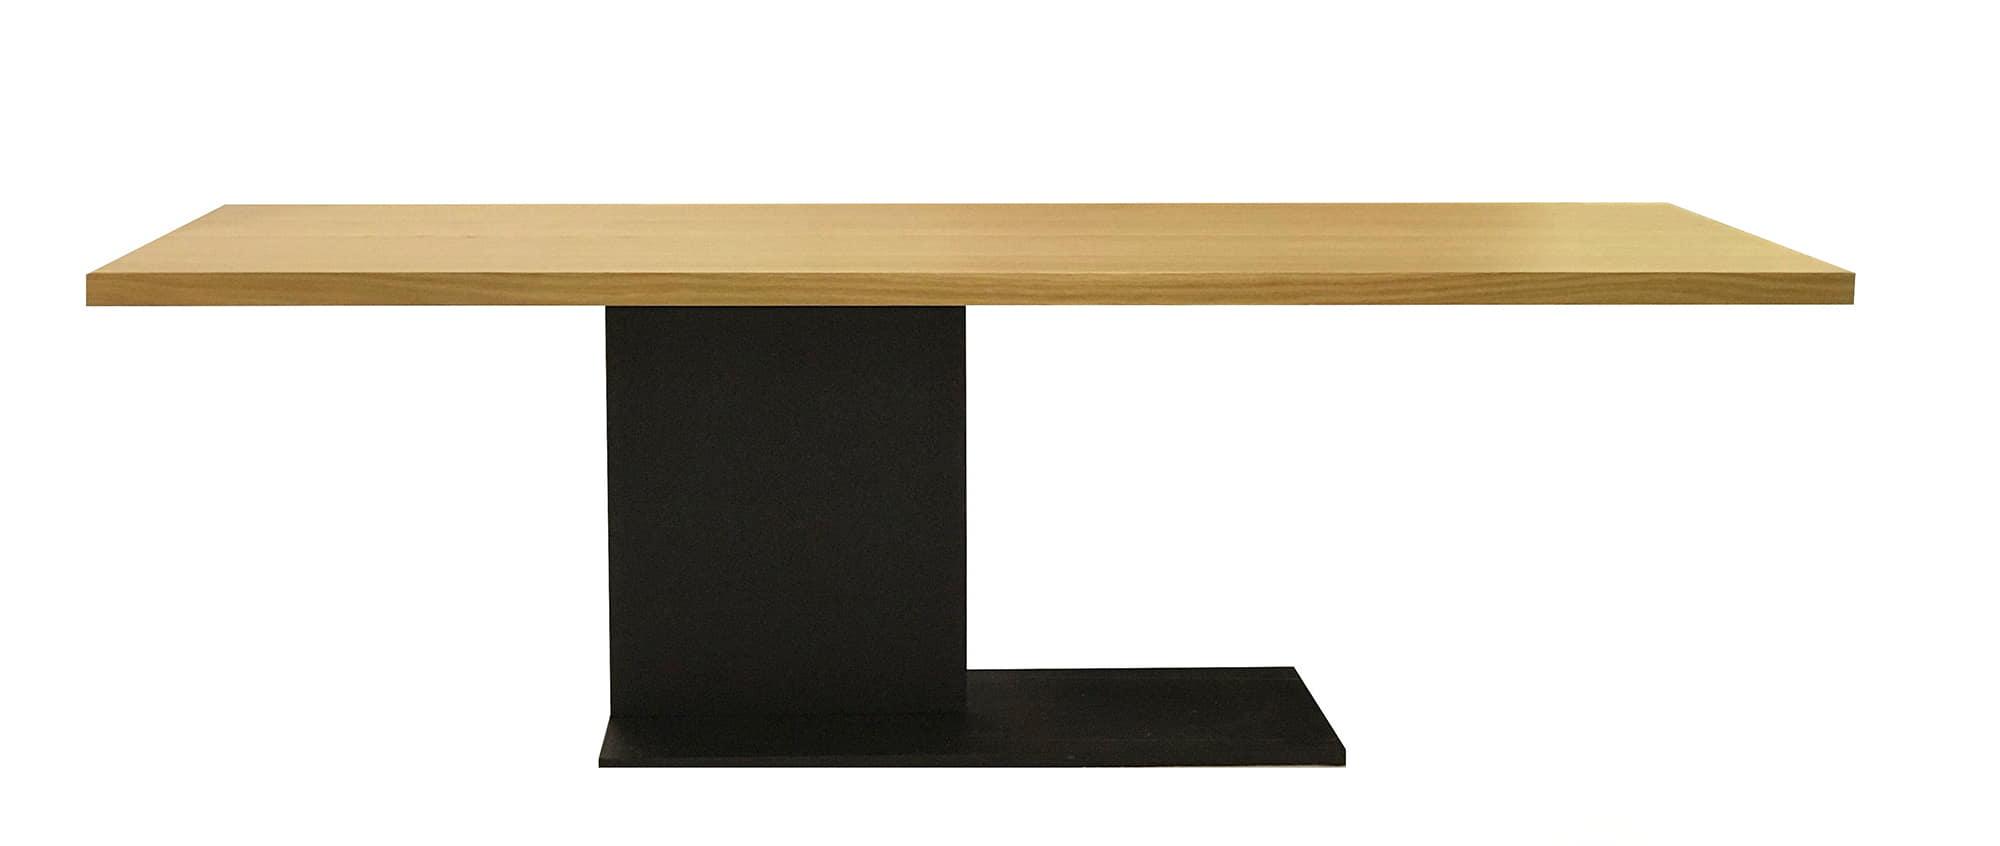 LDテーブル チェントロ 220テーブル:LDテーブル